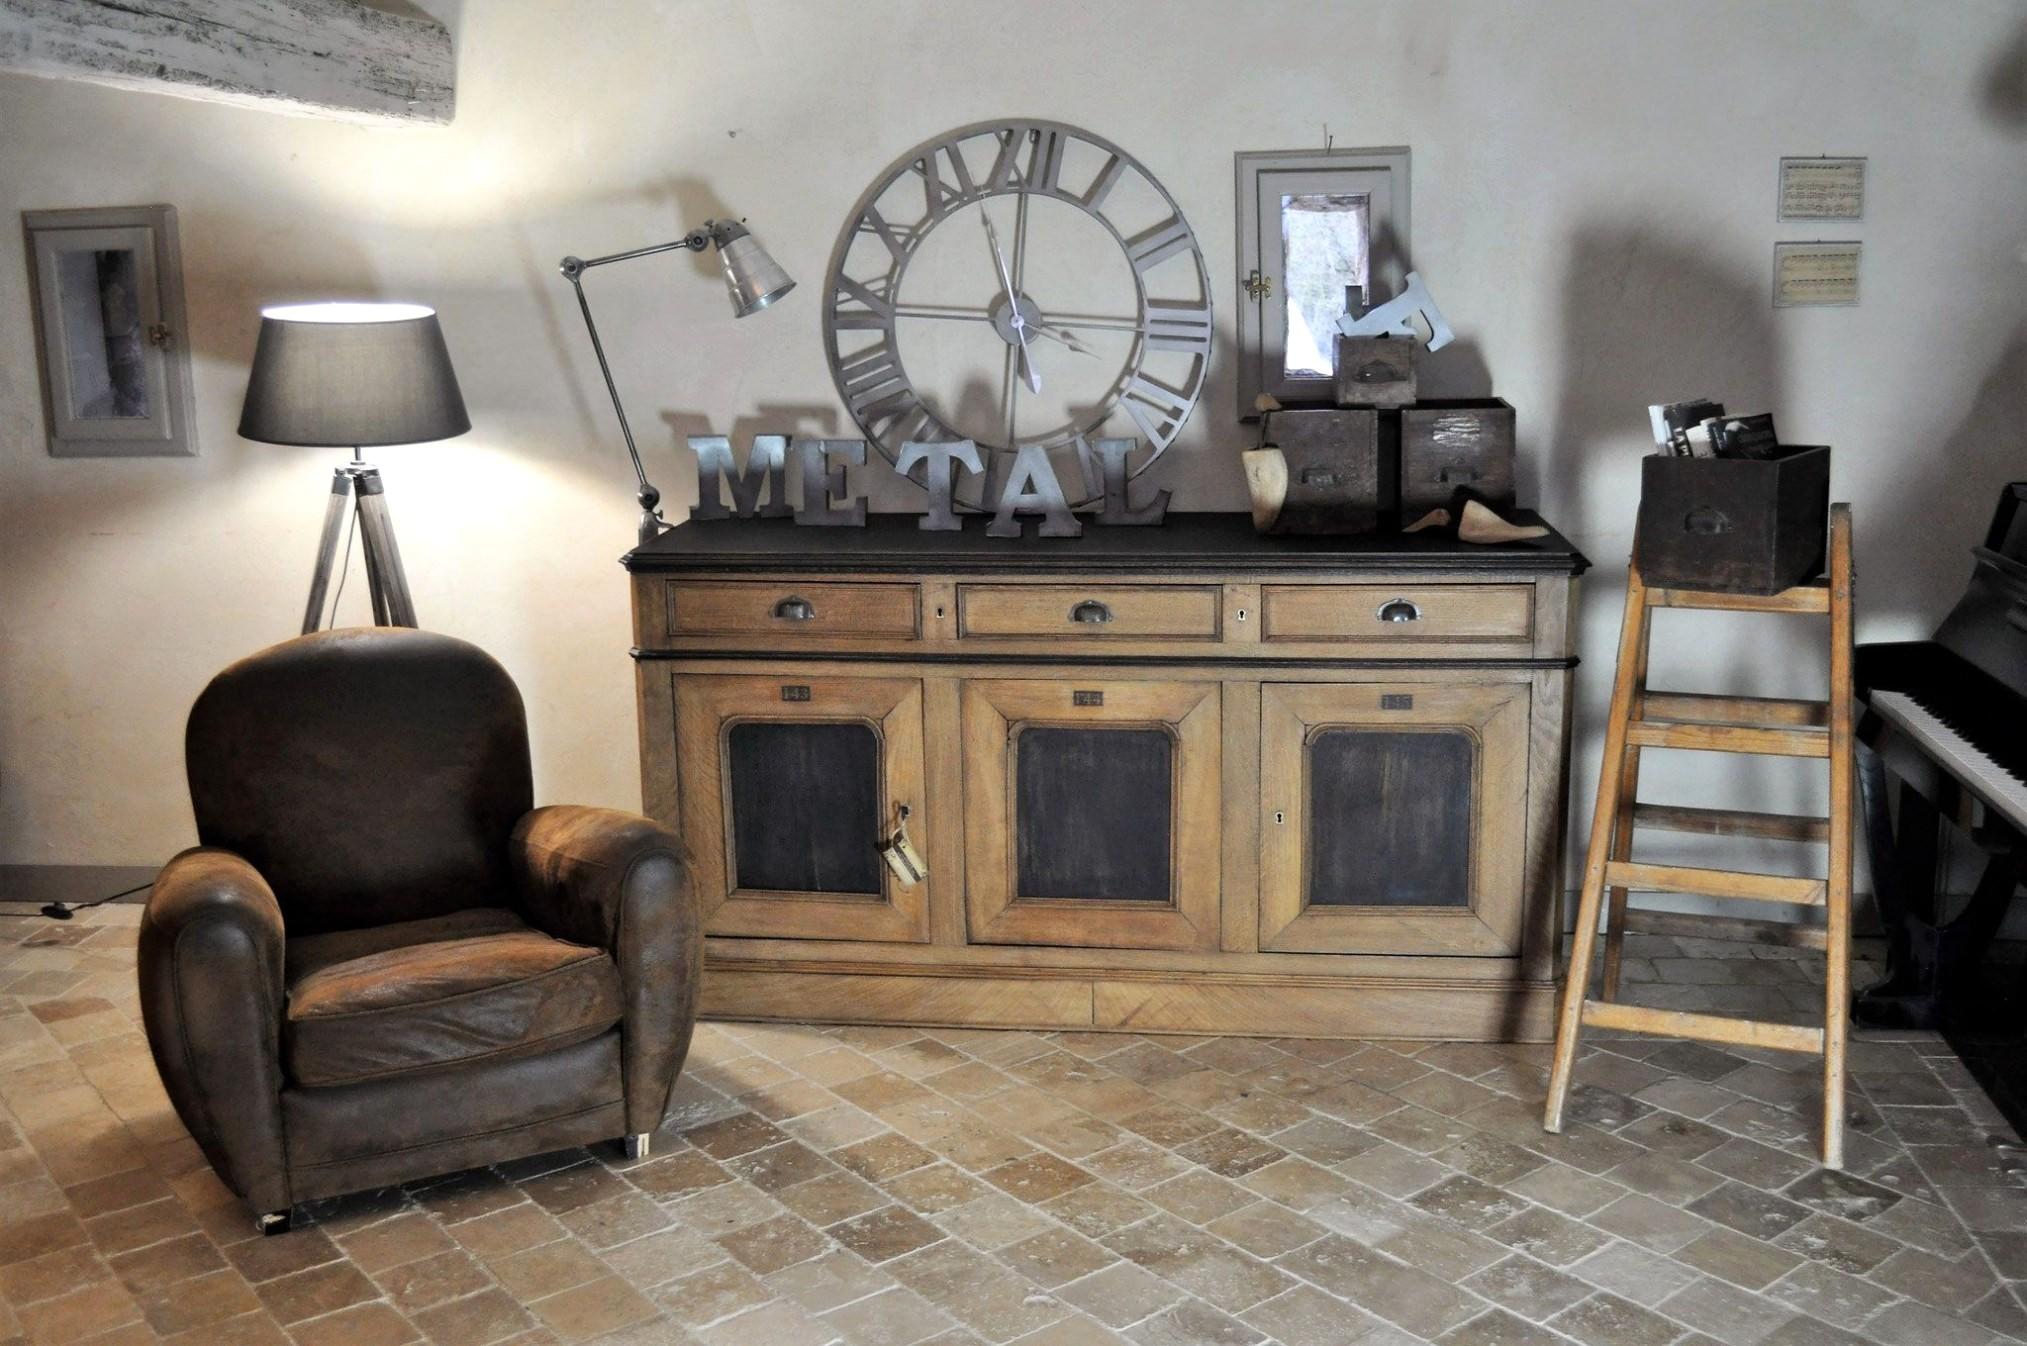 meuble de salon moderne lesmeubles meilleur s i pinimg 736x 0d of strip all with en pin habiller un ordinaire faon ranch avec relooke zoom1 resizeu003d479 et